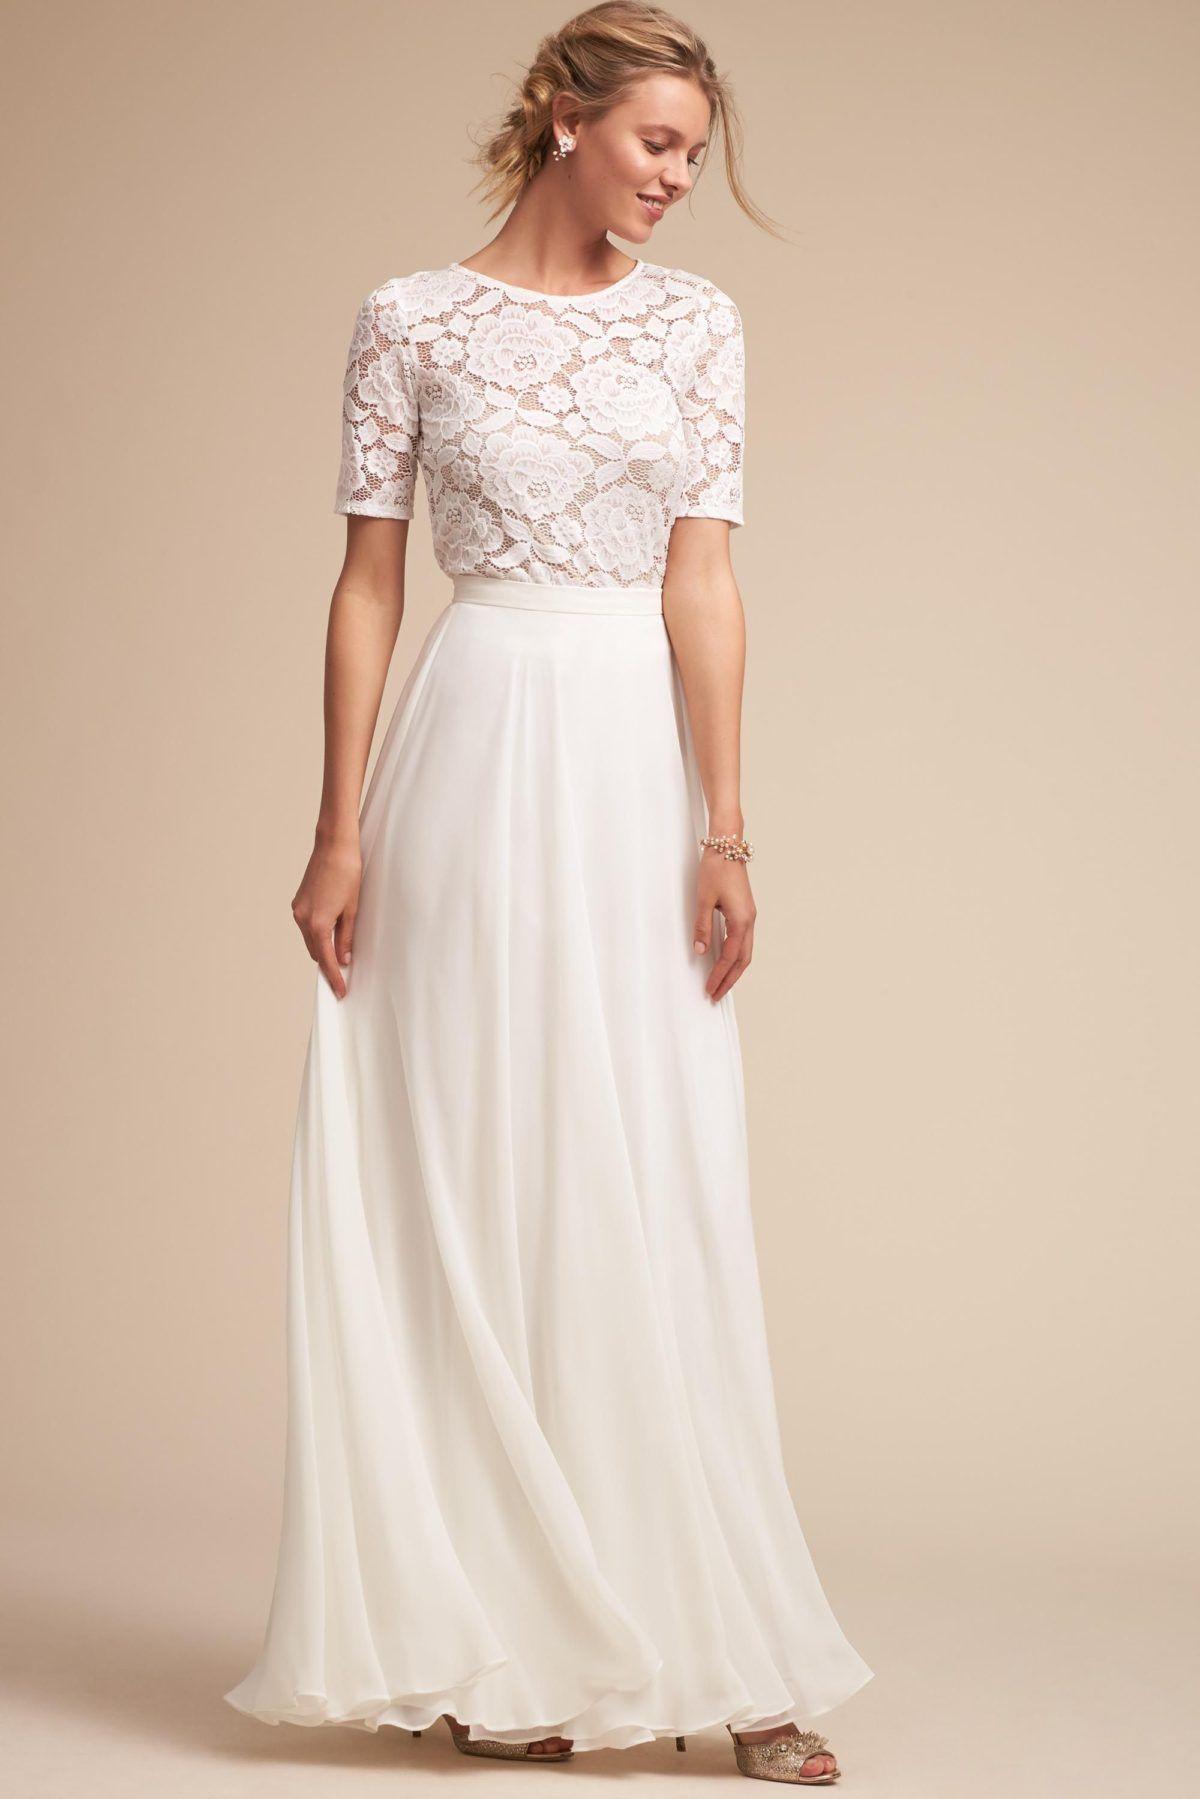 Vestidos de novia con aire vintage 9  Lace dress long, Half